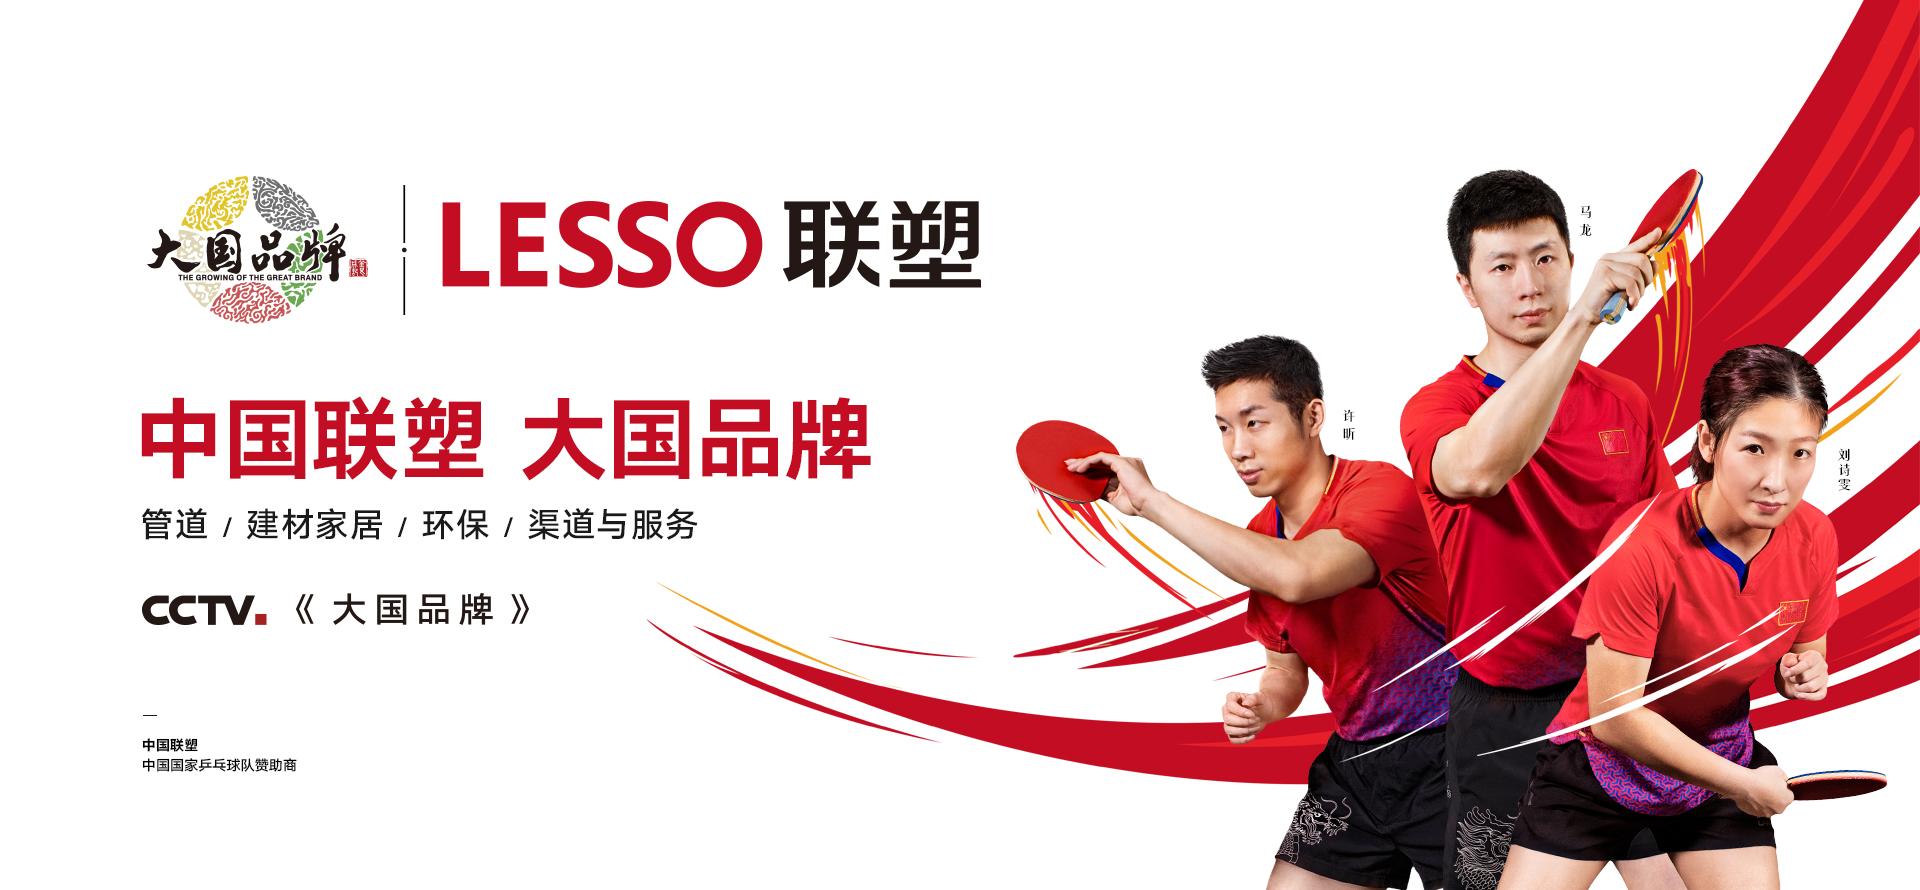 品质联塑世界-国乒队-大国品牌